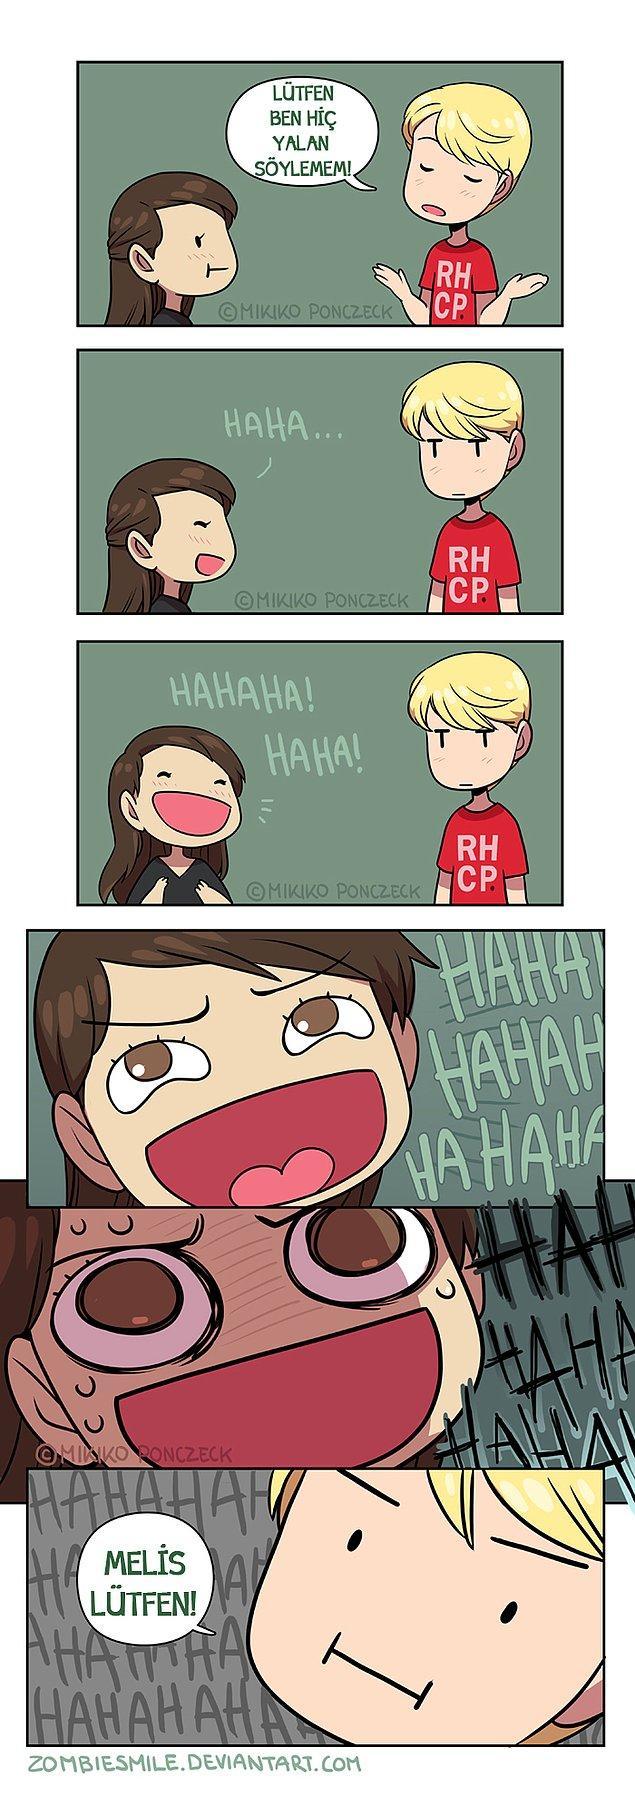 15. Hahahaha bazen sadece gülersin...